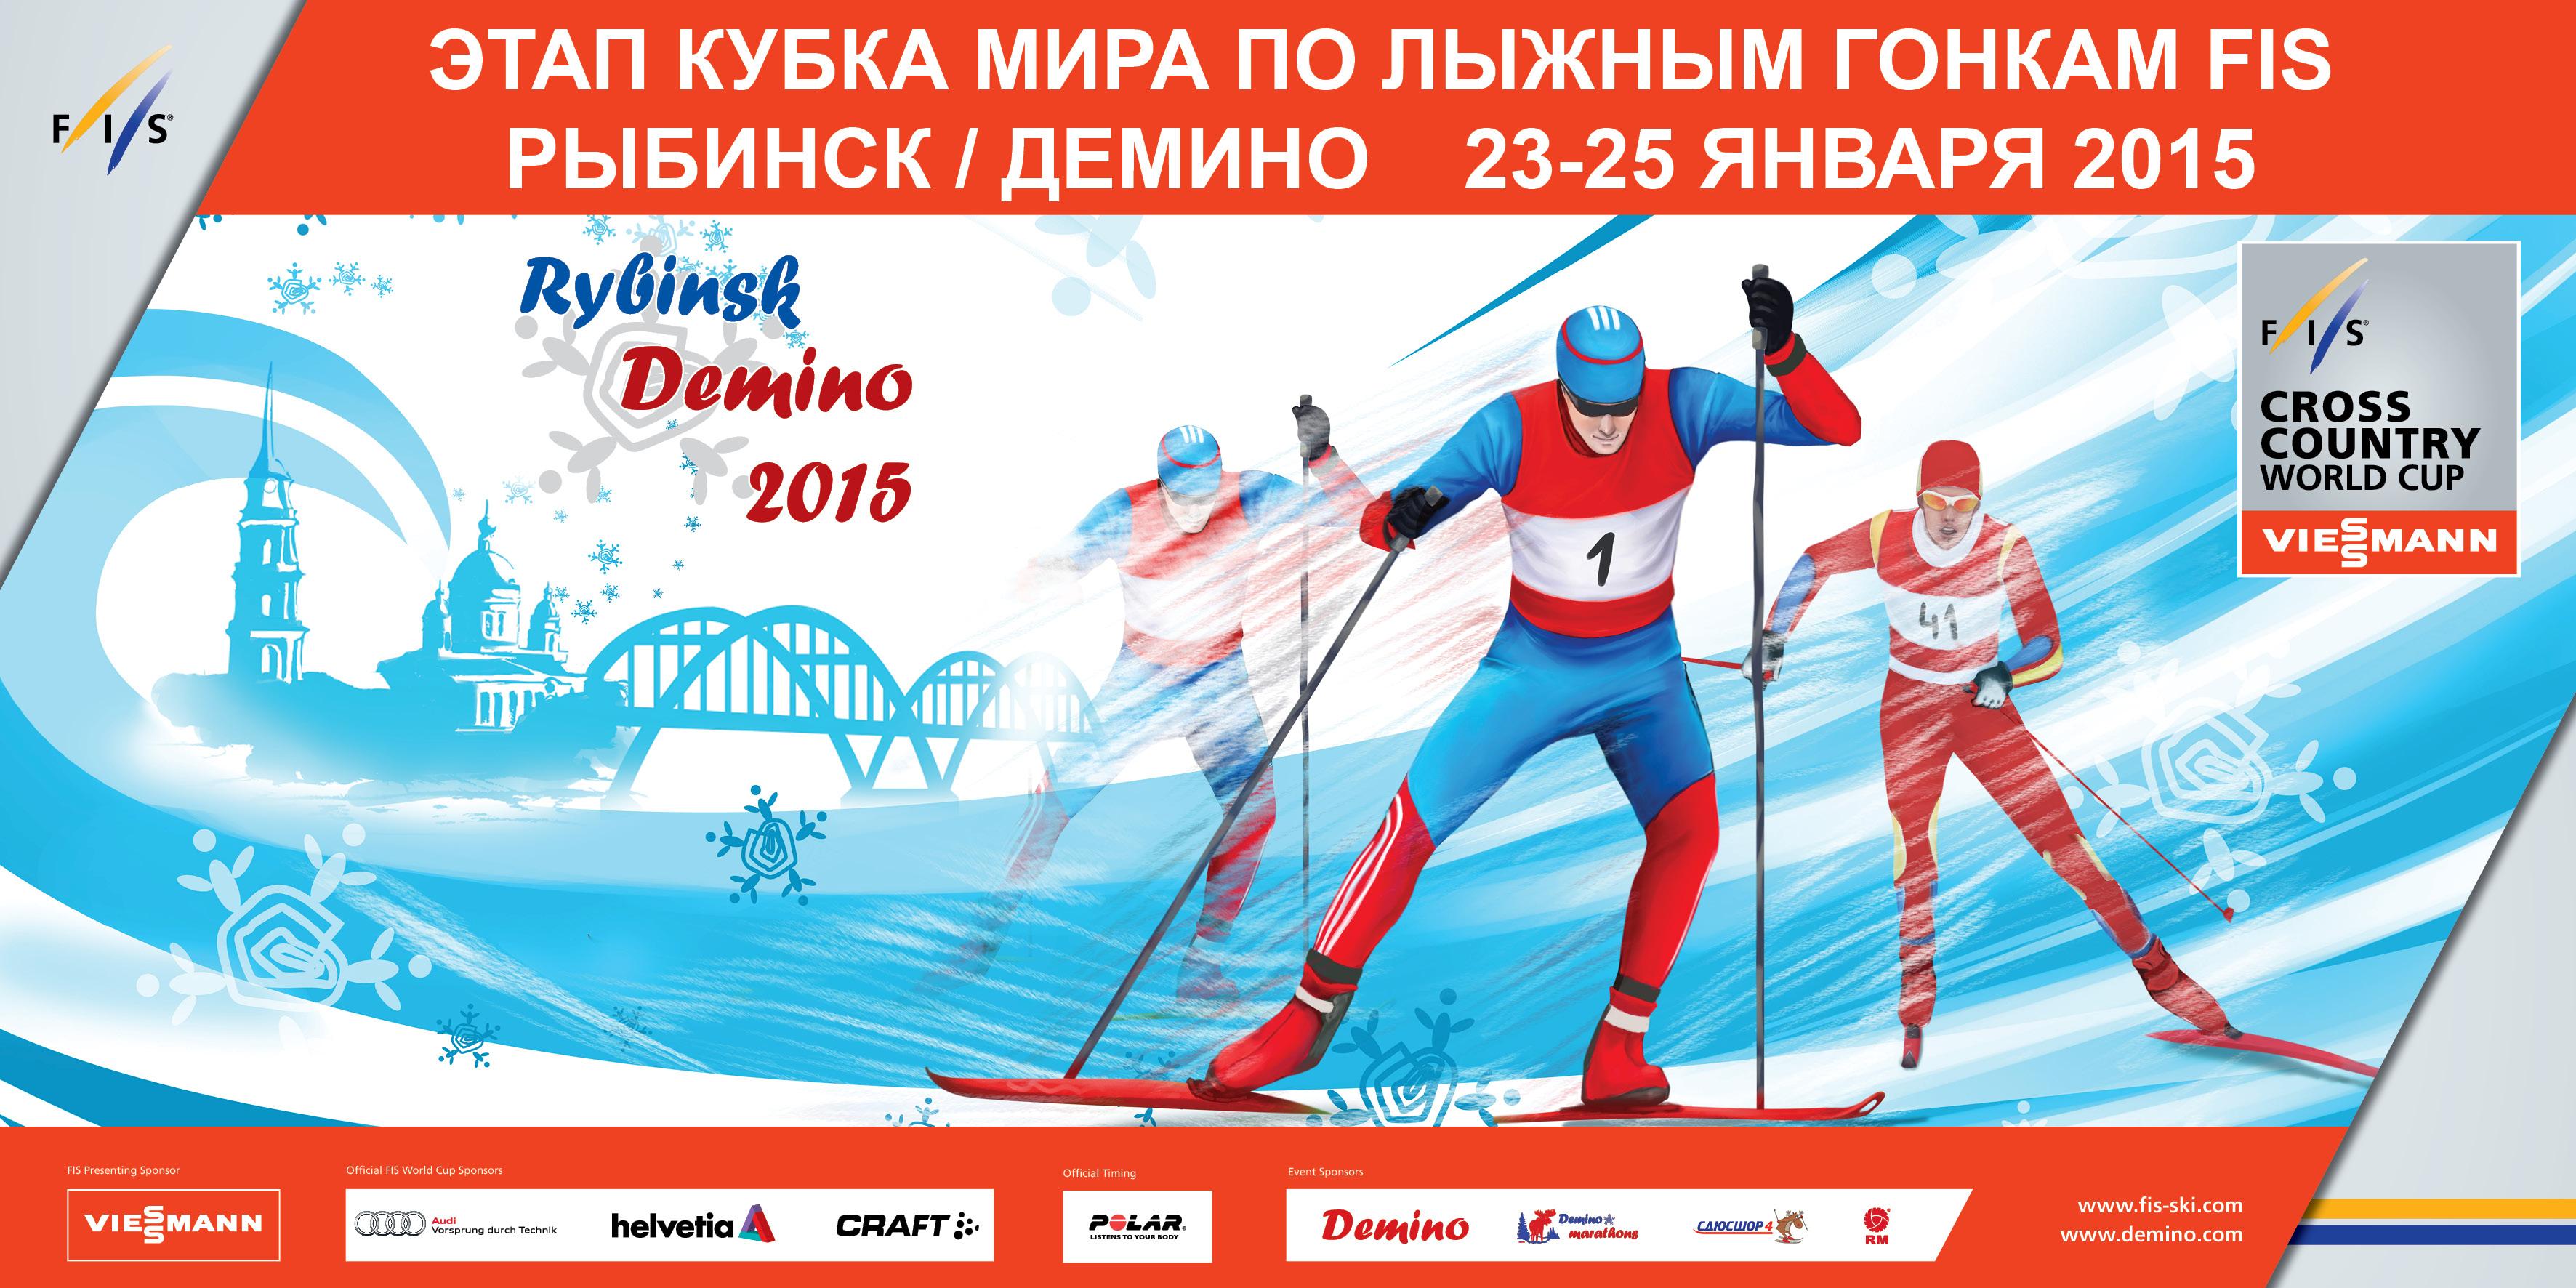 Официальный выходные в россии в 2015 году